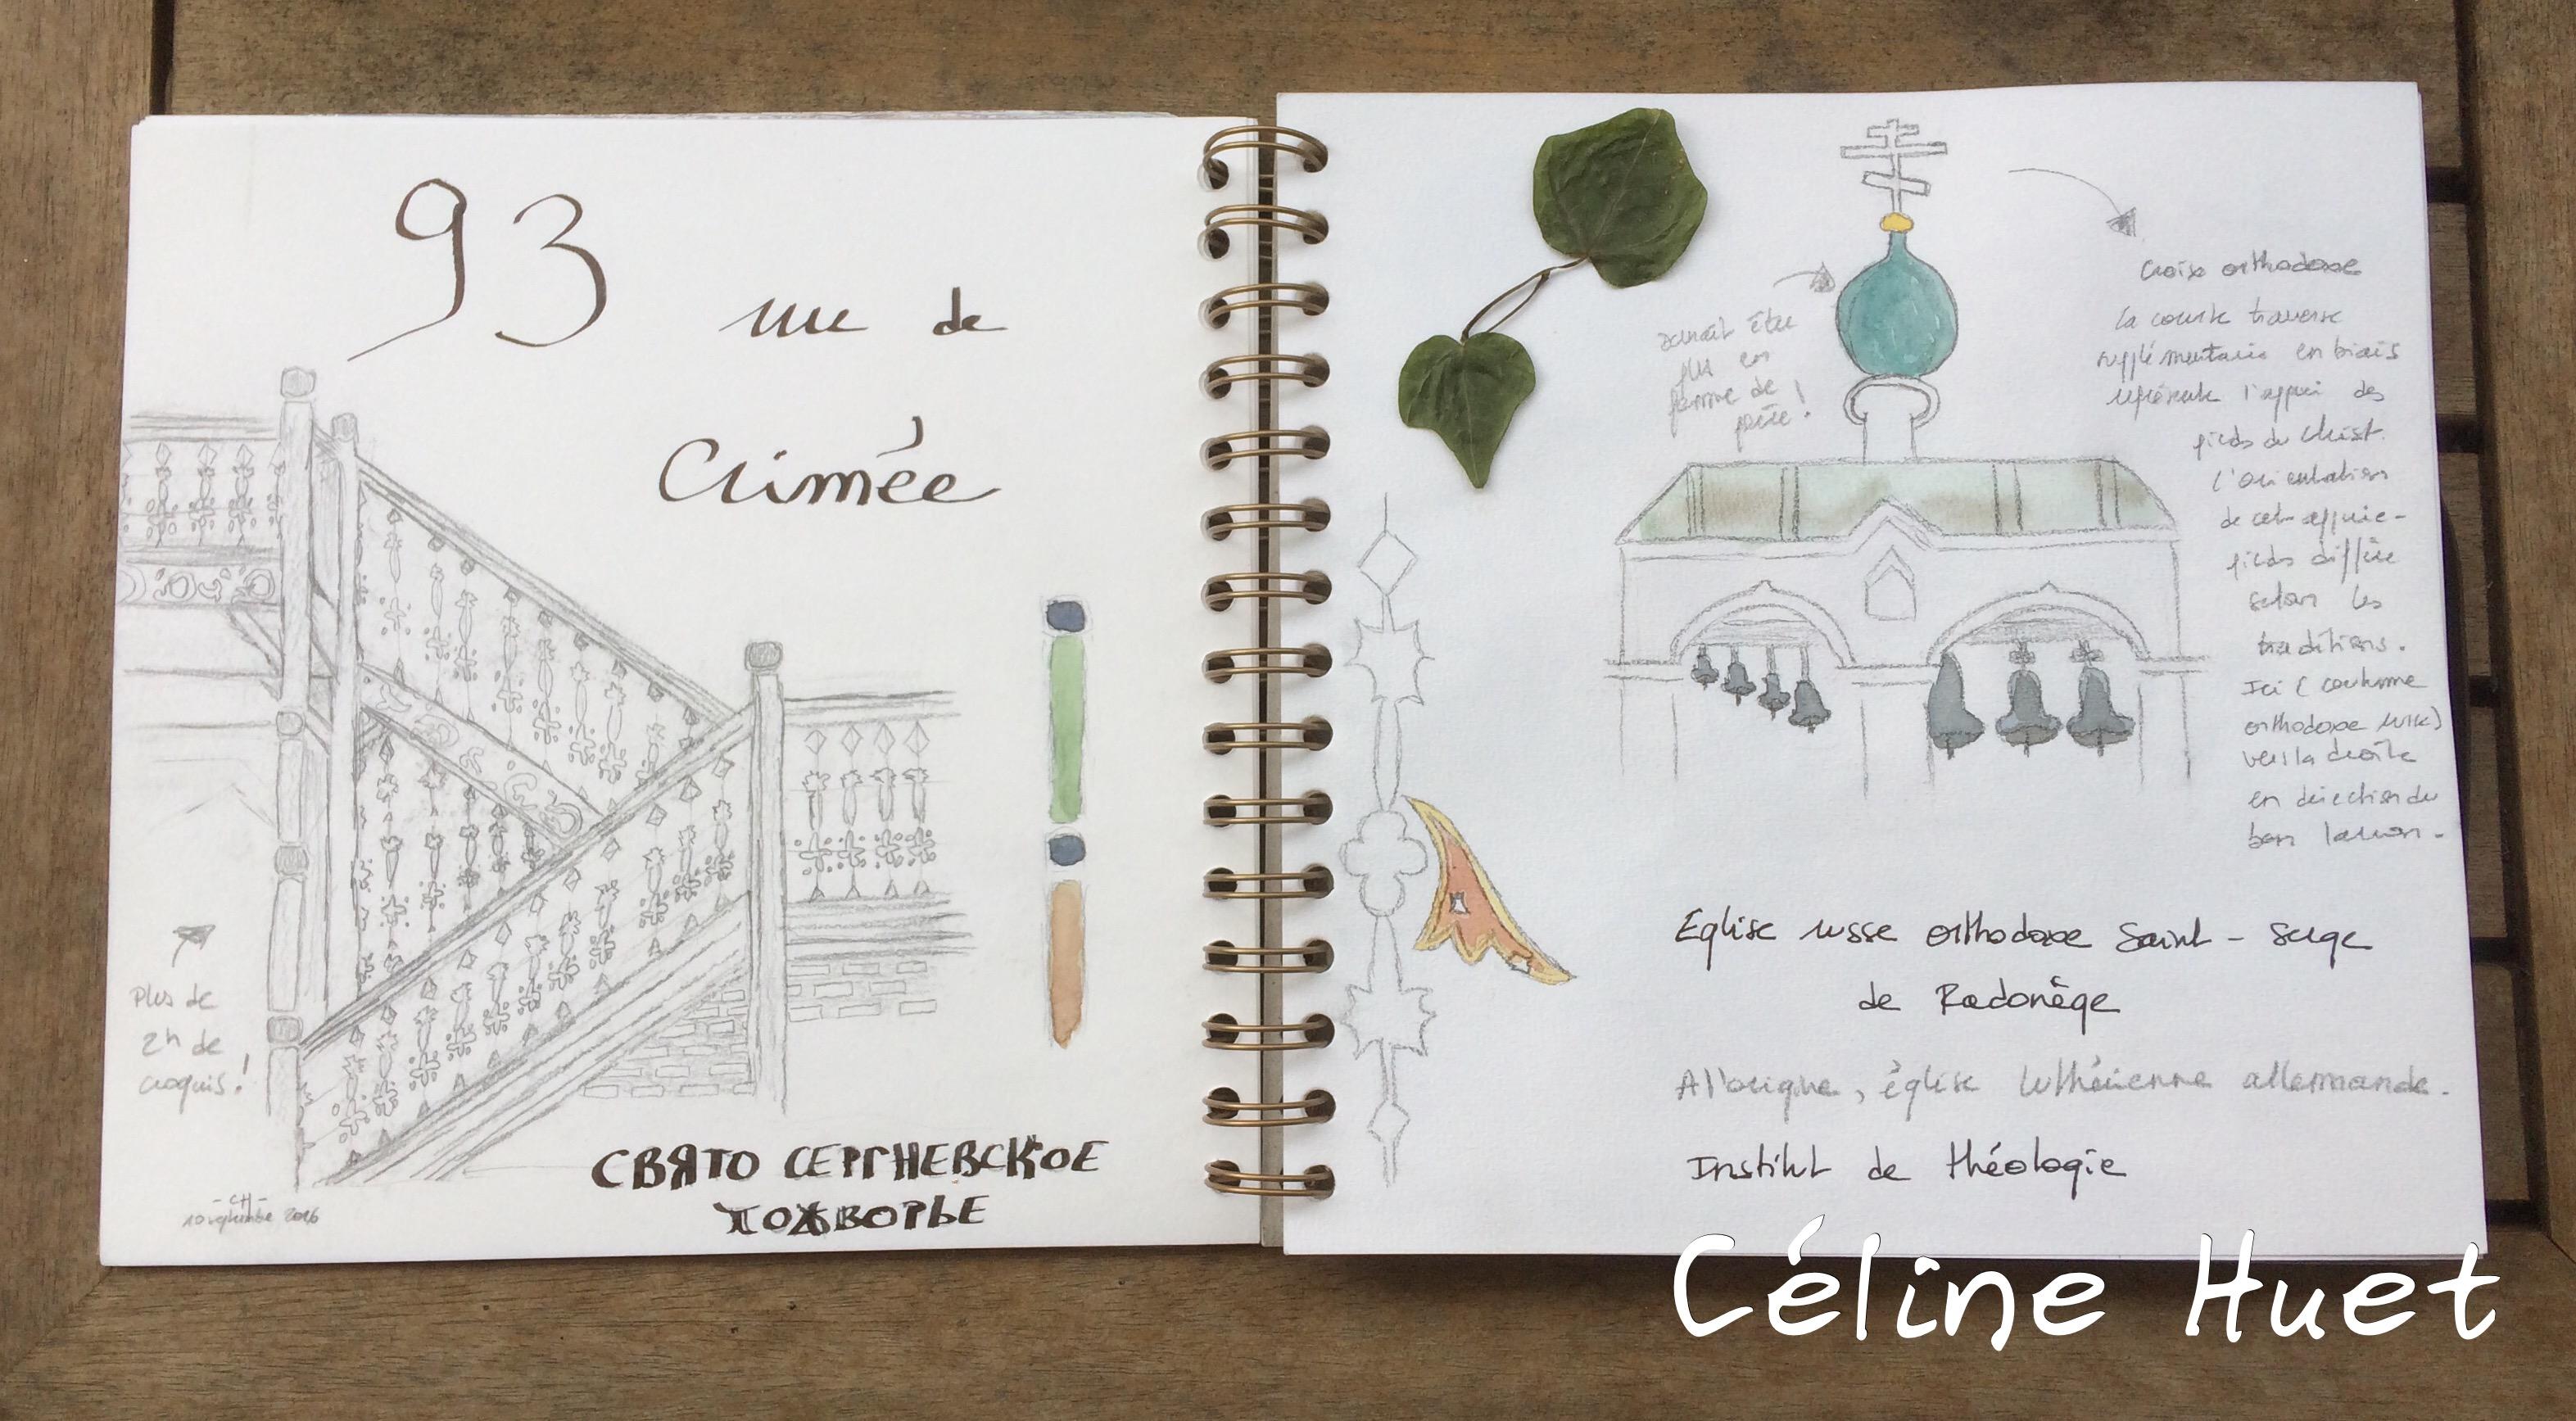 Carnet de voyage Paris insolite Céline Huet